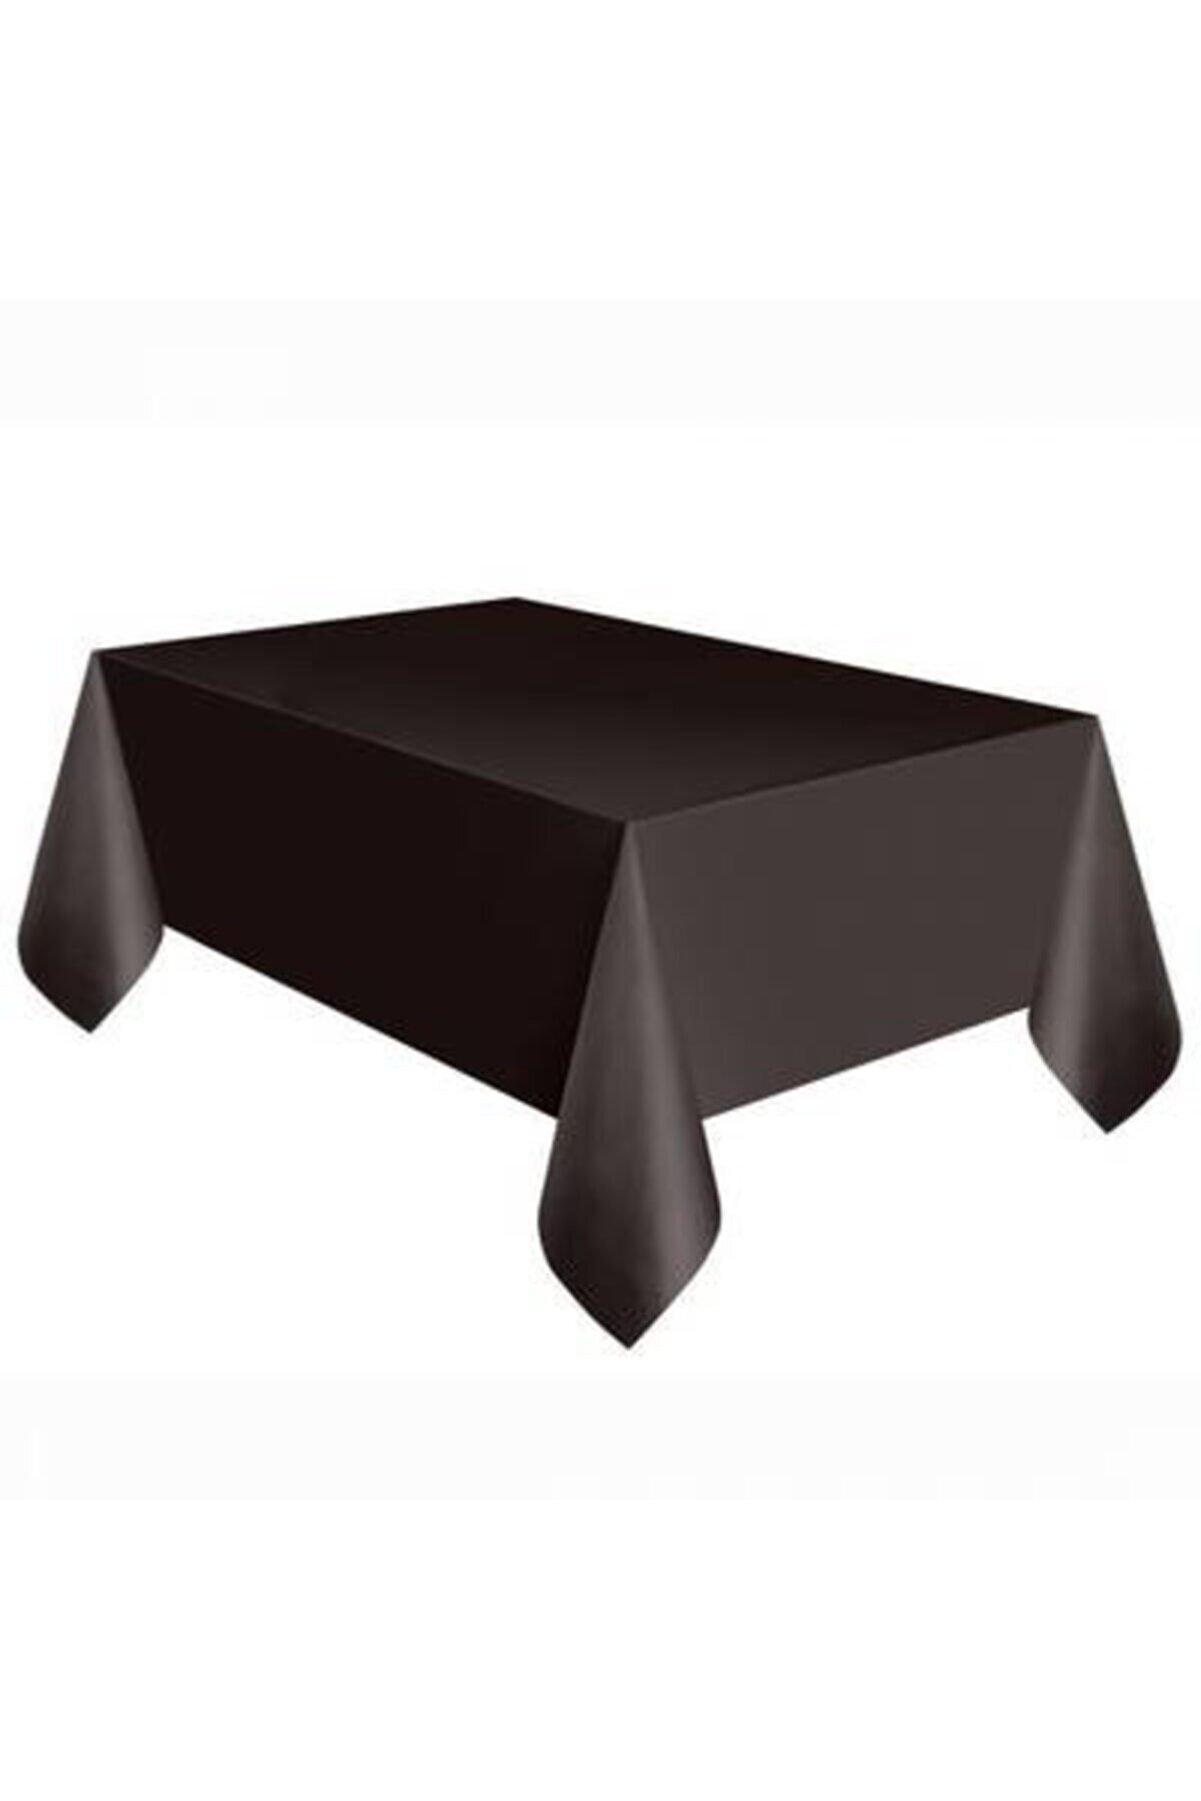 tmgrup Siyah Masa Örtüsü 120x180 cm